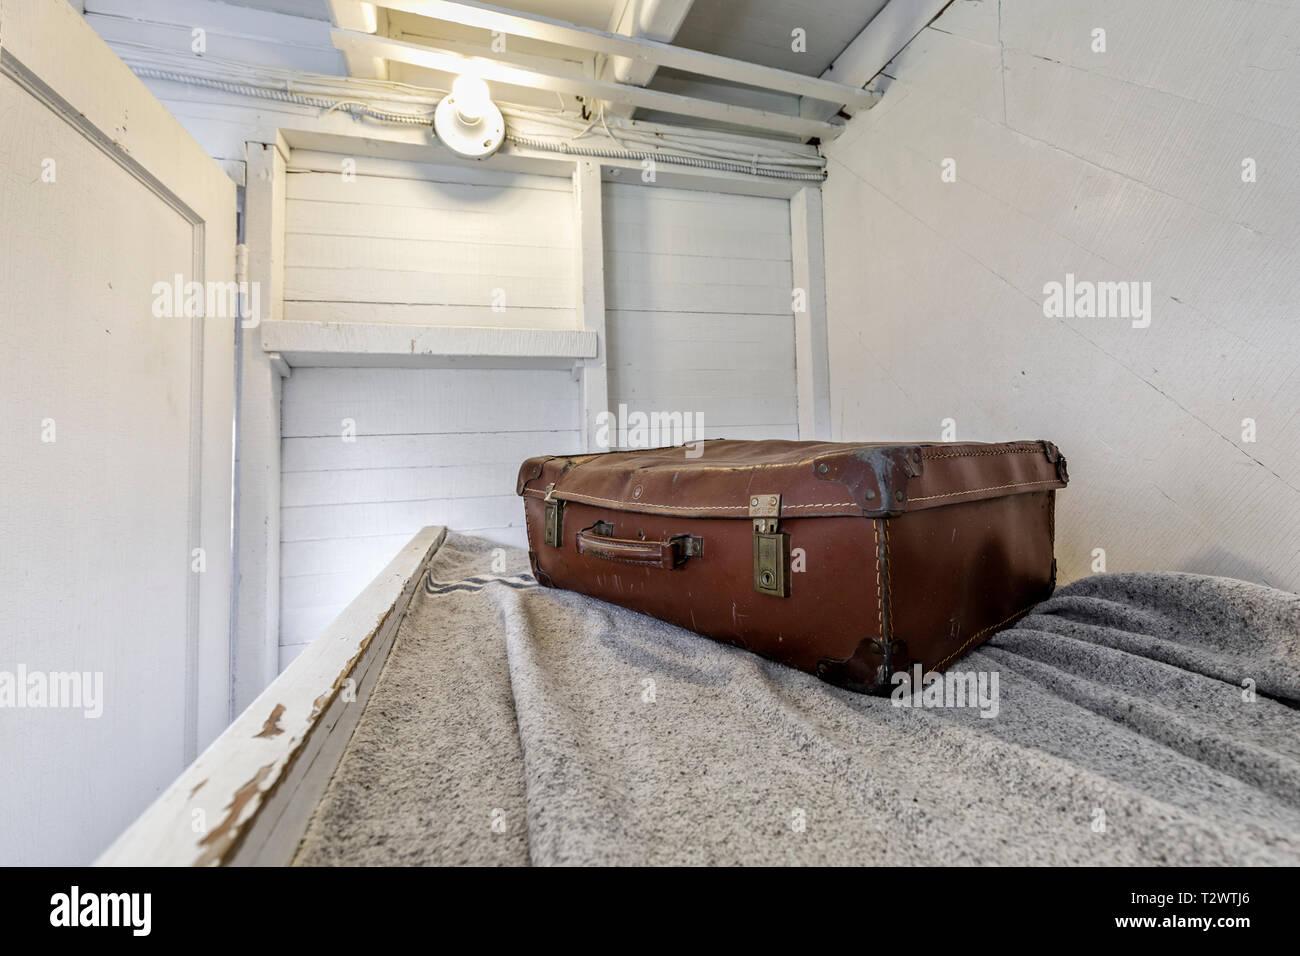 Vintage Gepäck auf einem Schiffe Passagierkabine Etagenbett der SS Keenora Dampfschiff der Marine Museum von Manitoba, Selkirk, Manitoba, Kanada. Stockbild